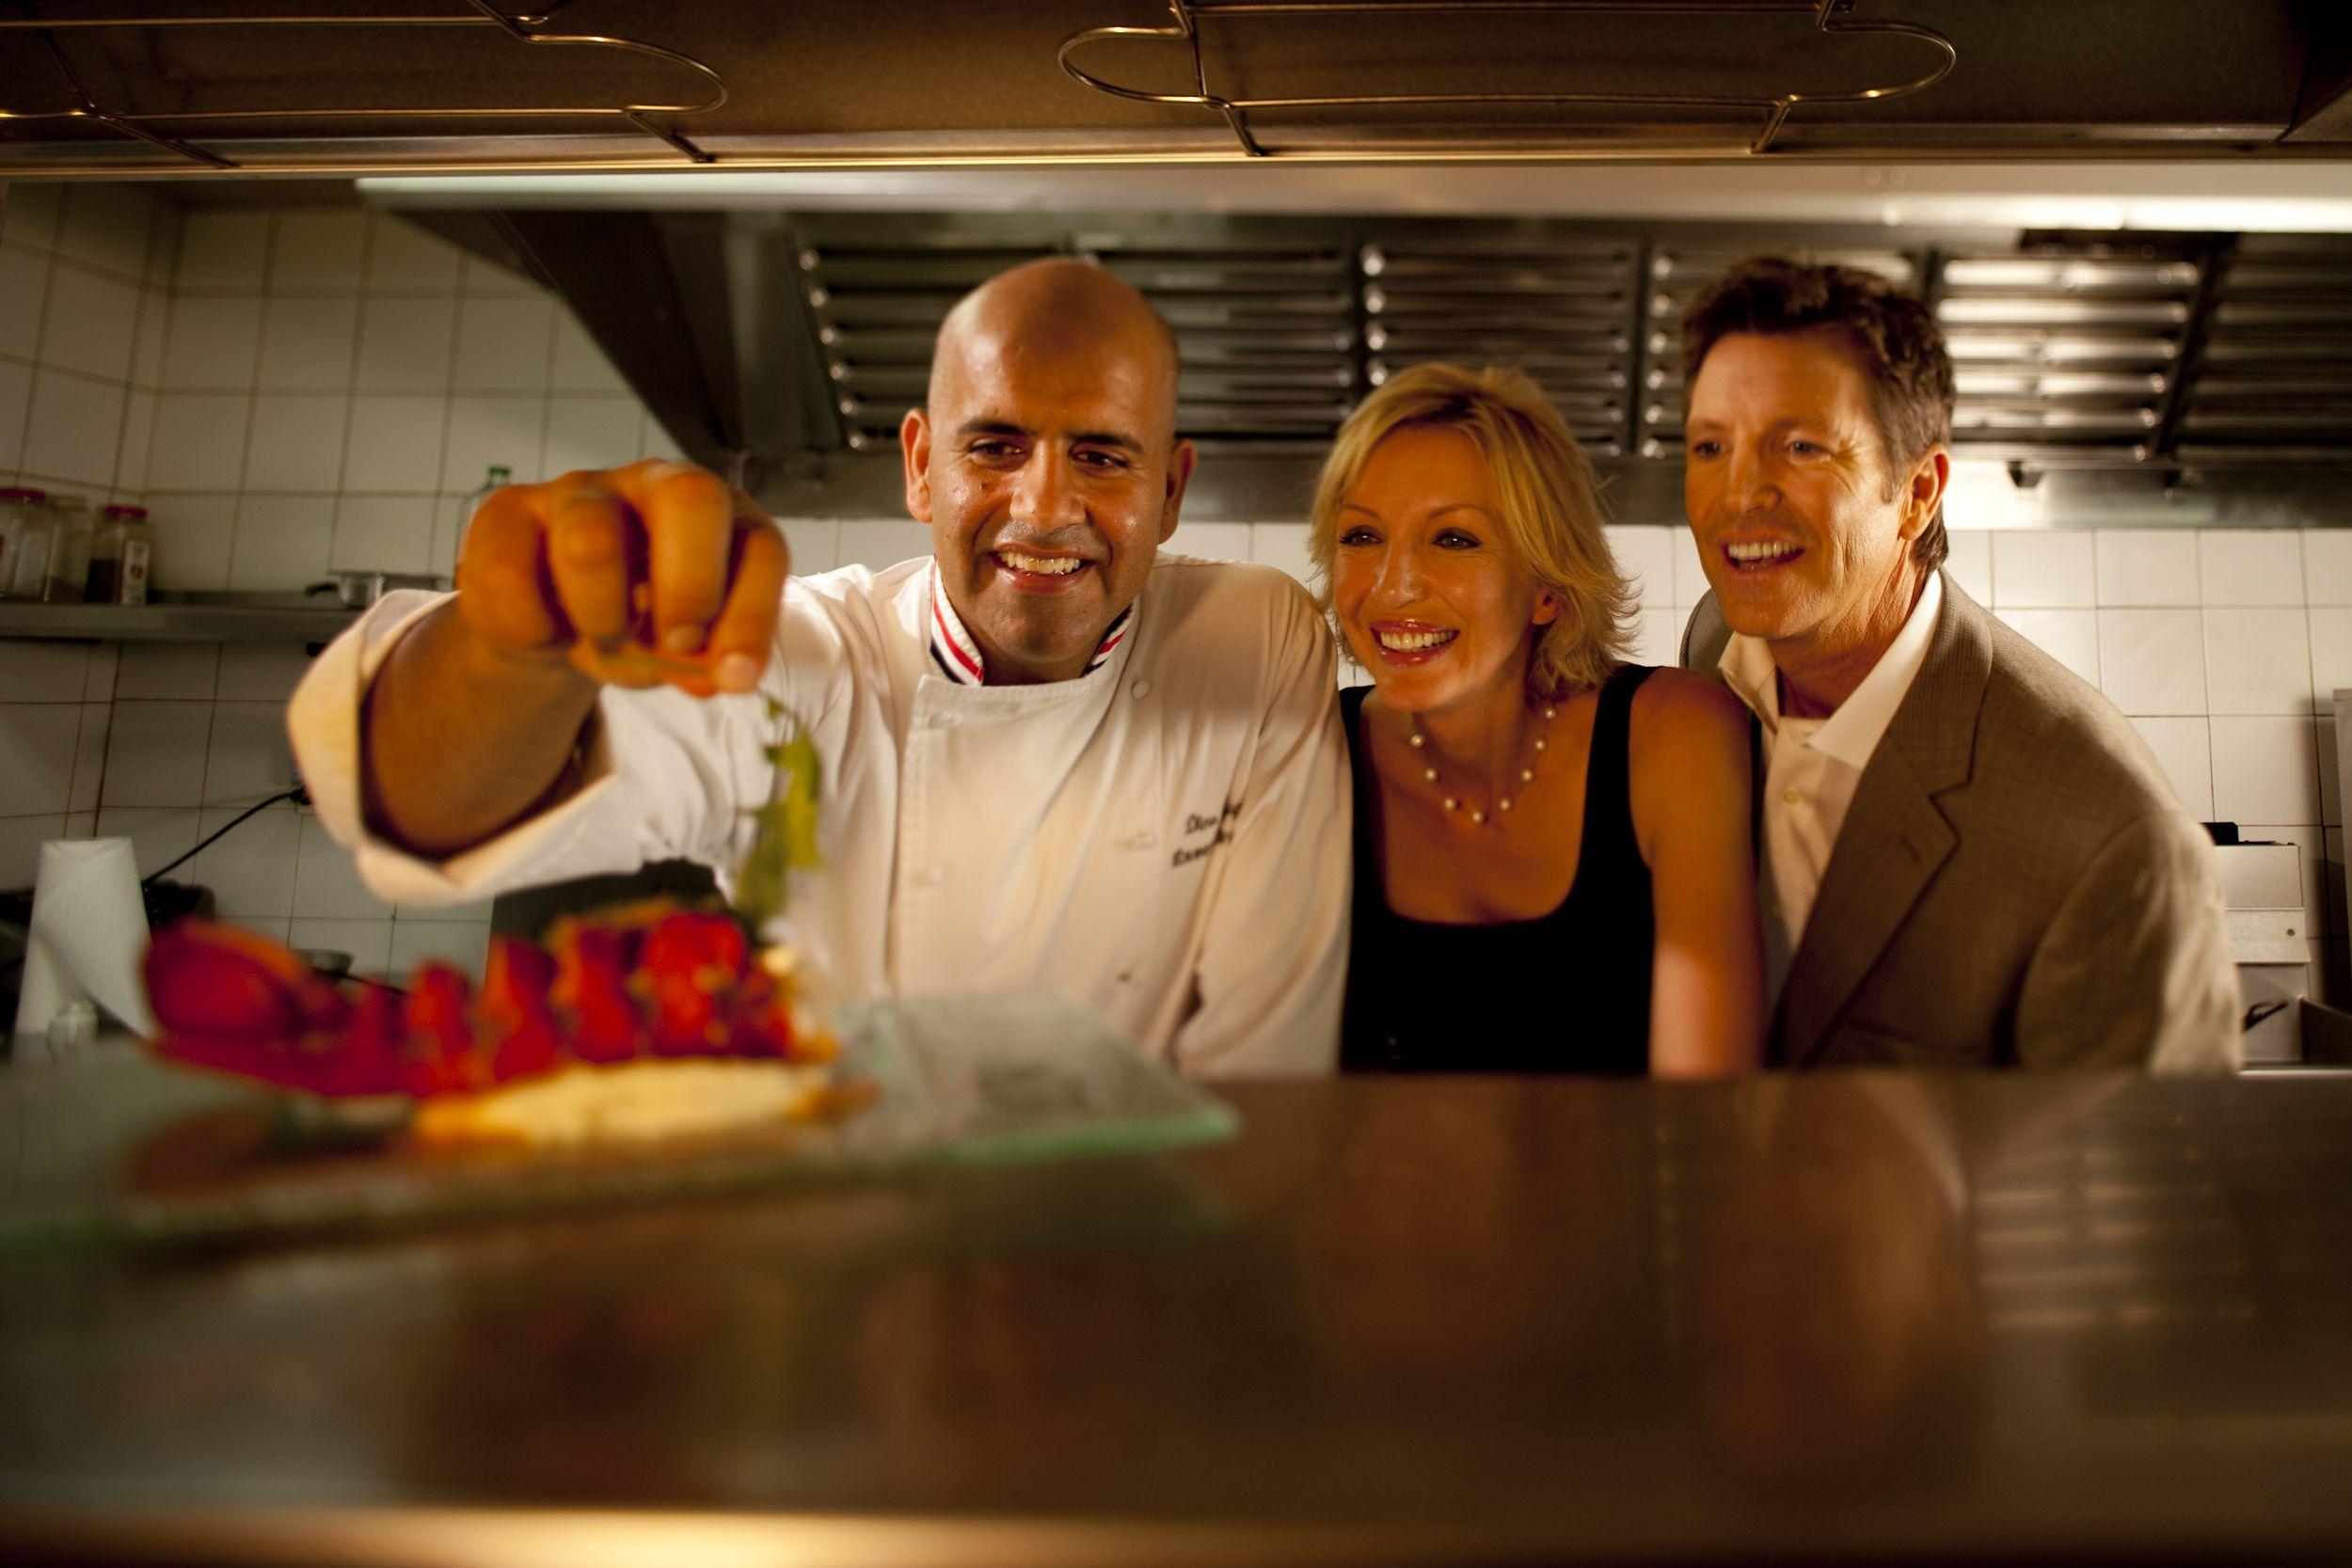 St. Maarten se diferencia pela alta qualidade de sua cozinha, comandada por reconhecidos chefs.